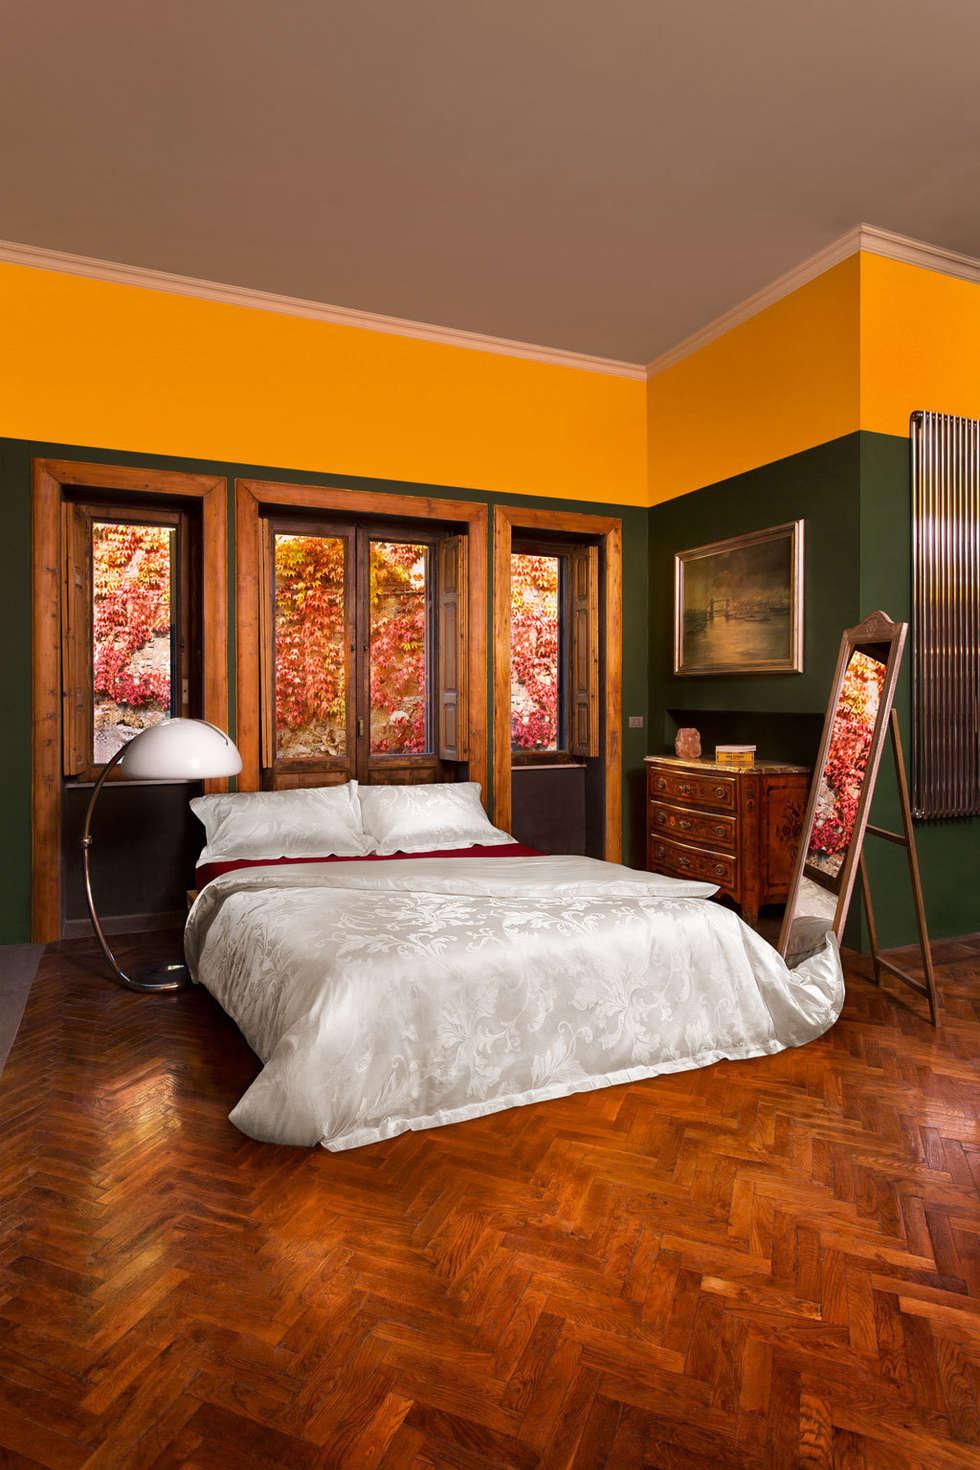 Idee arredamento casa interior design homify - Piumini da letto danesi ...